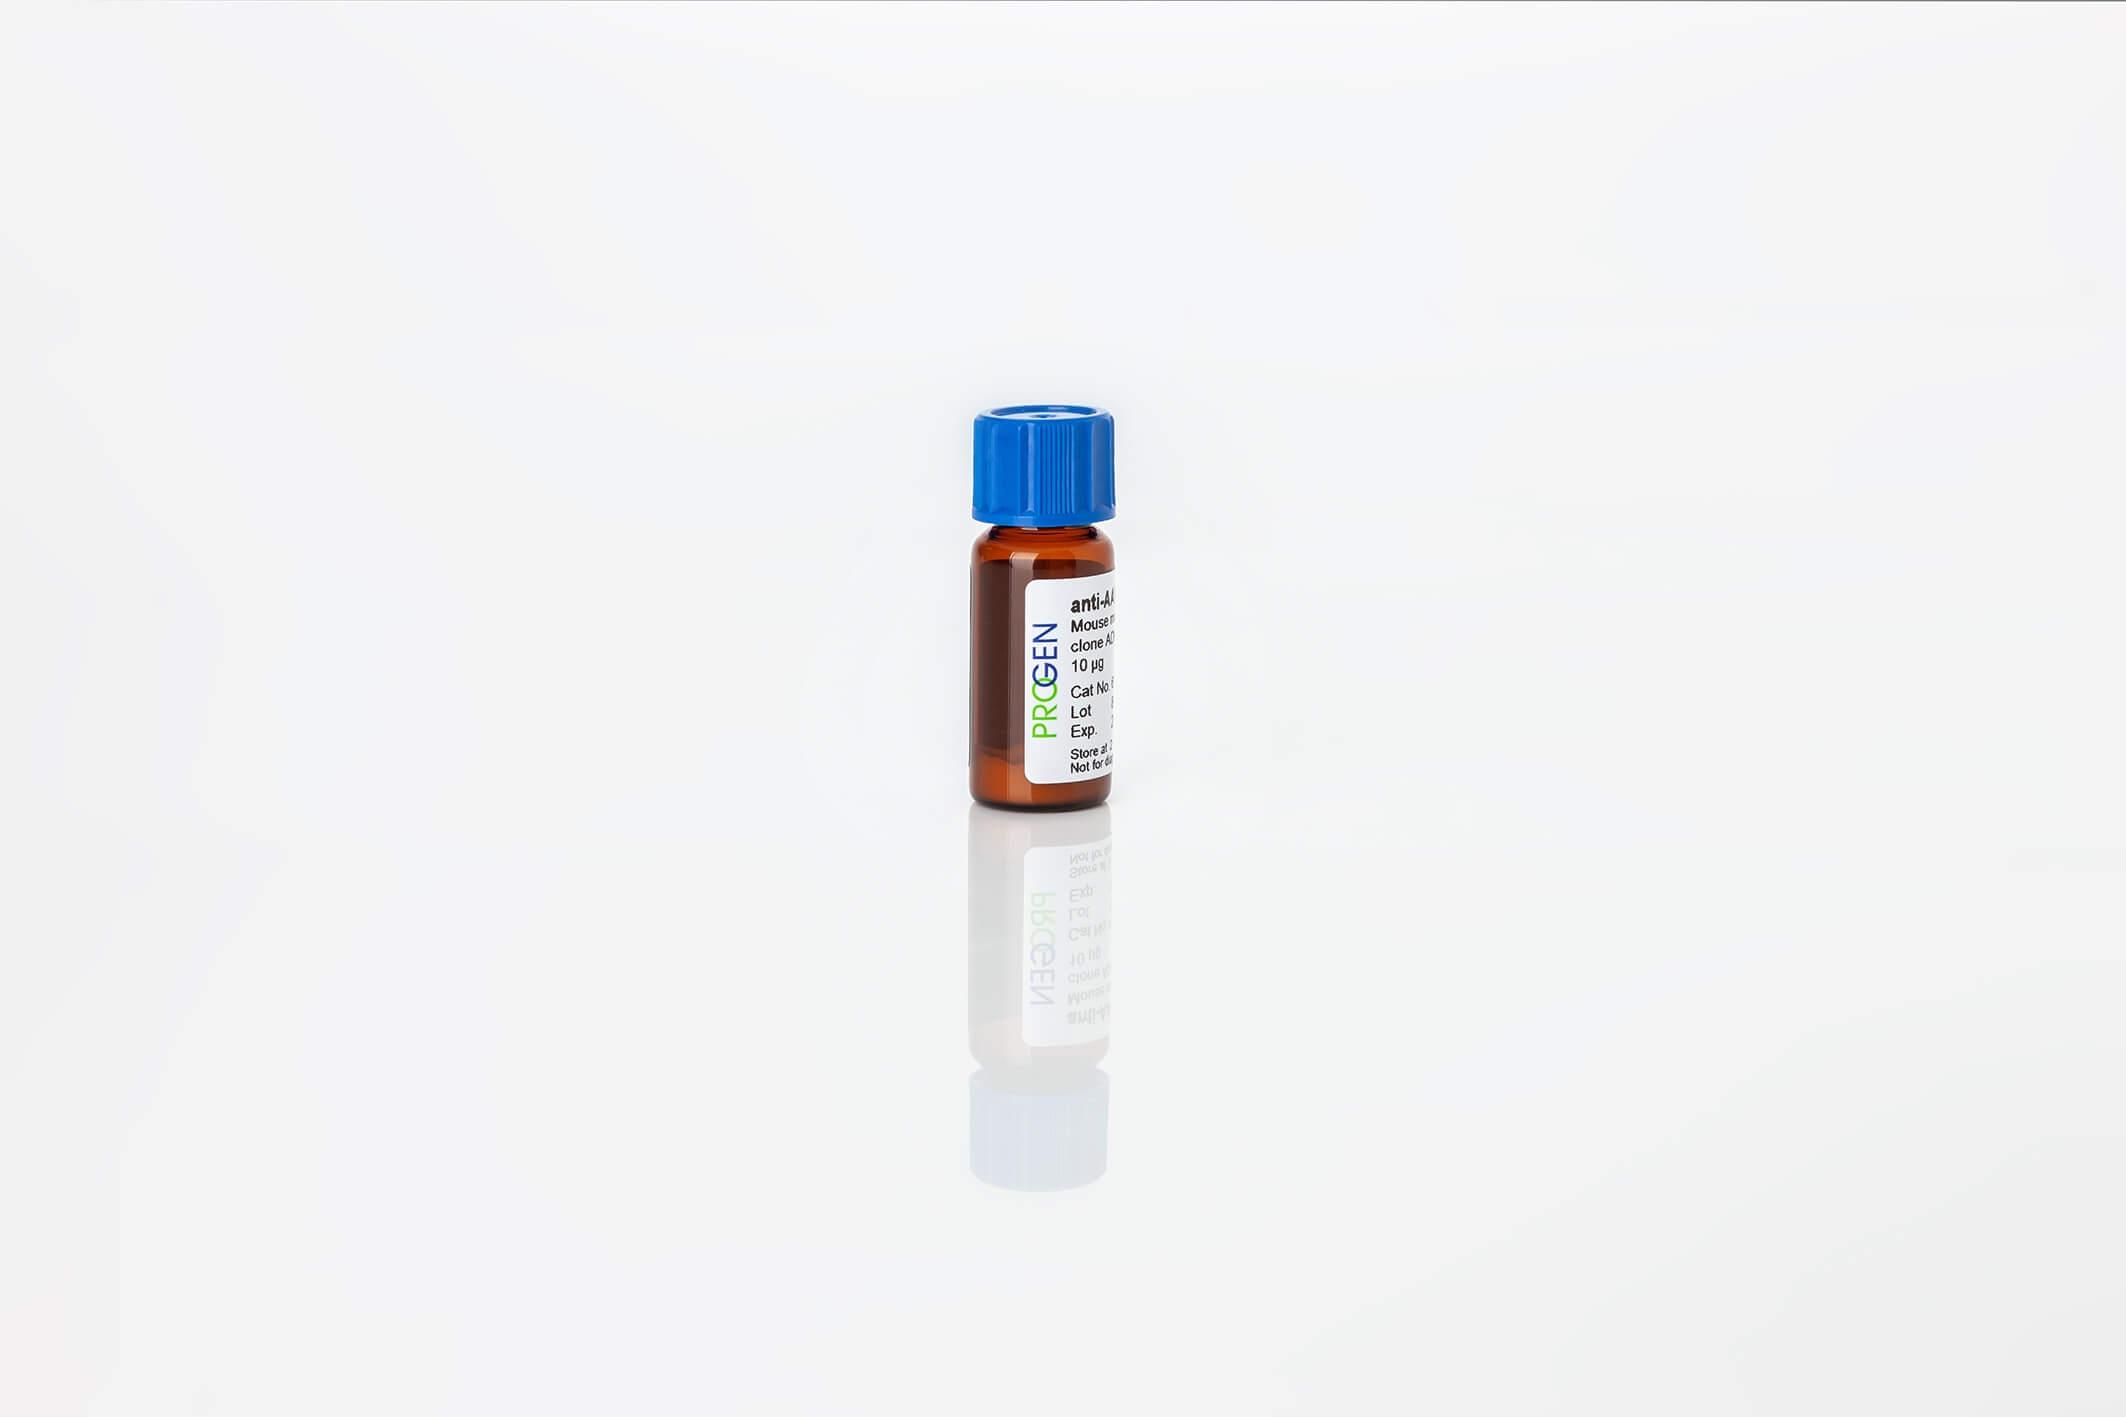 anti-Endocrine Granule Constituent (EGC) rabbit polyclonal, serum